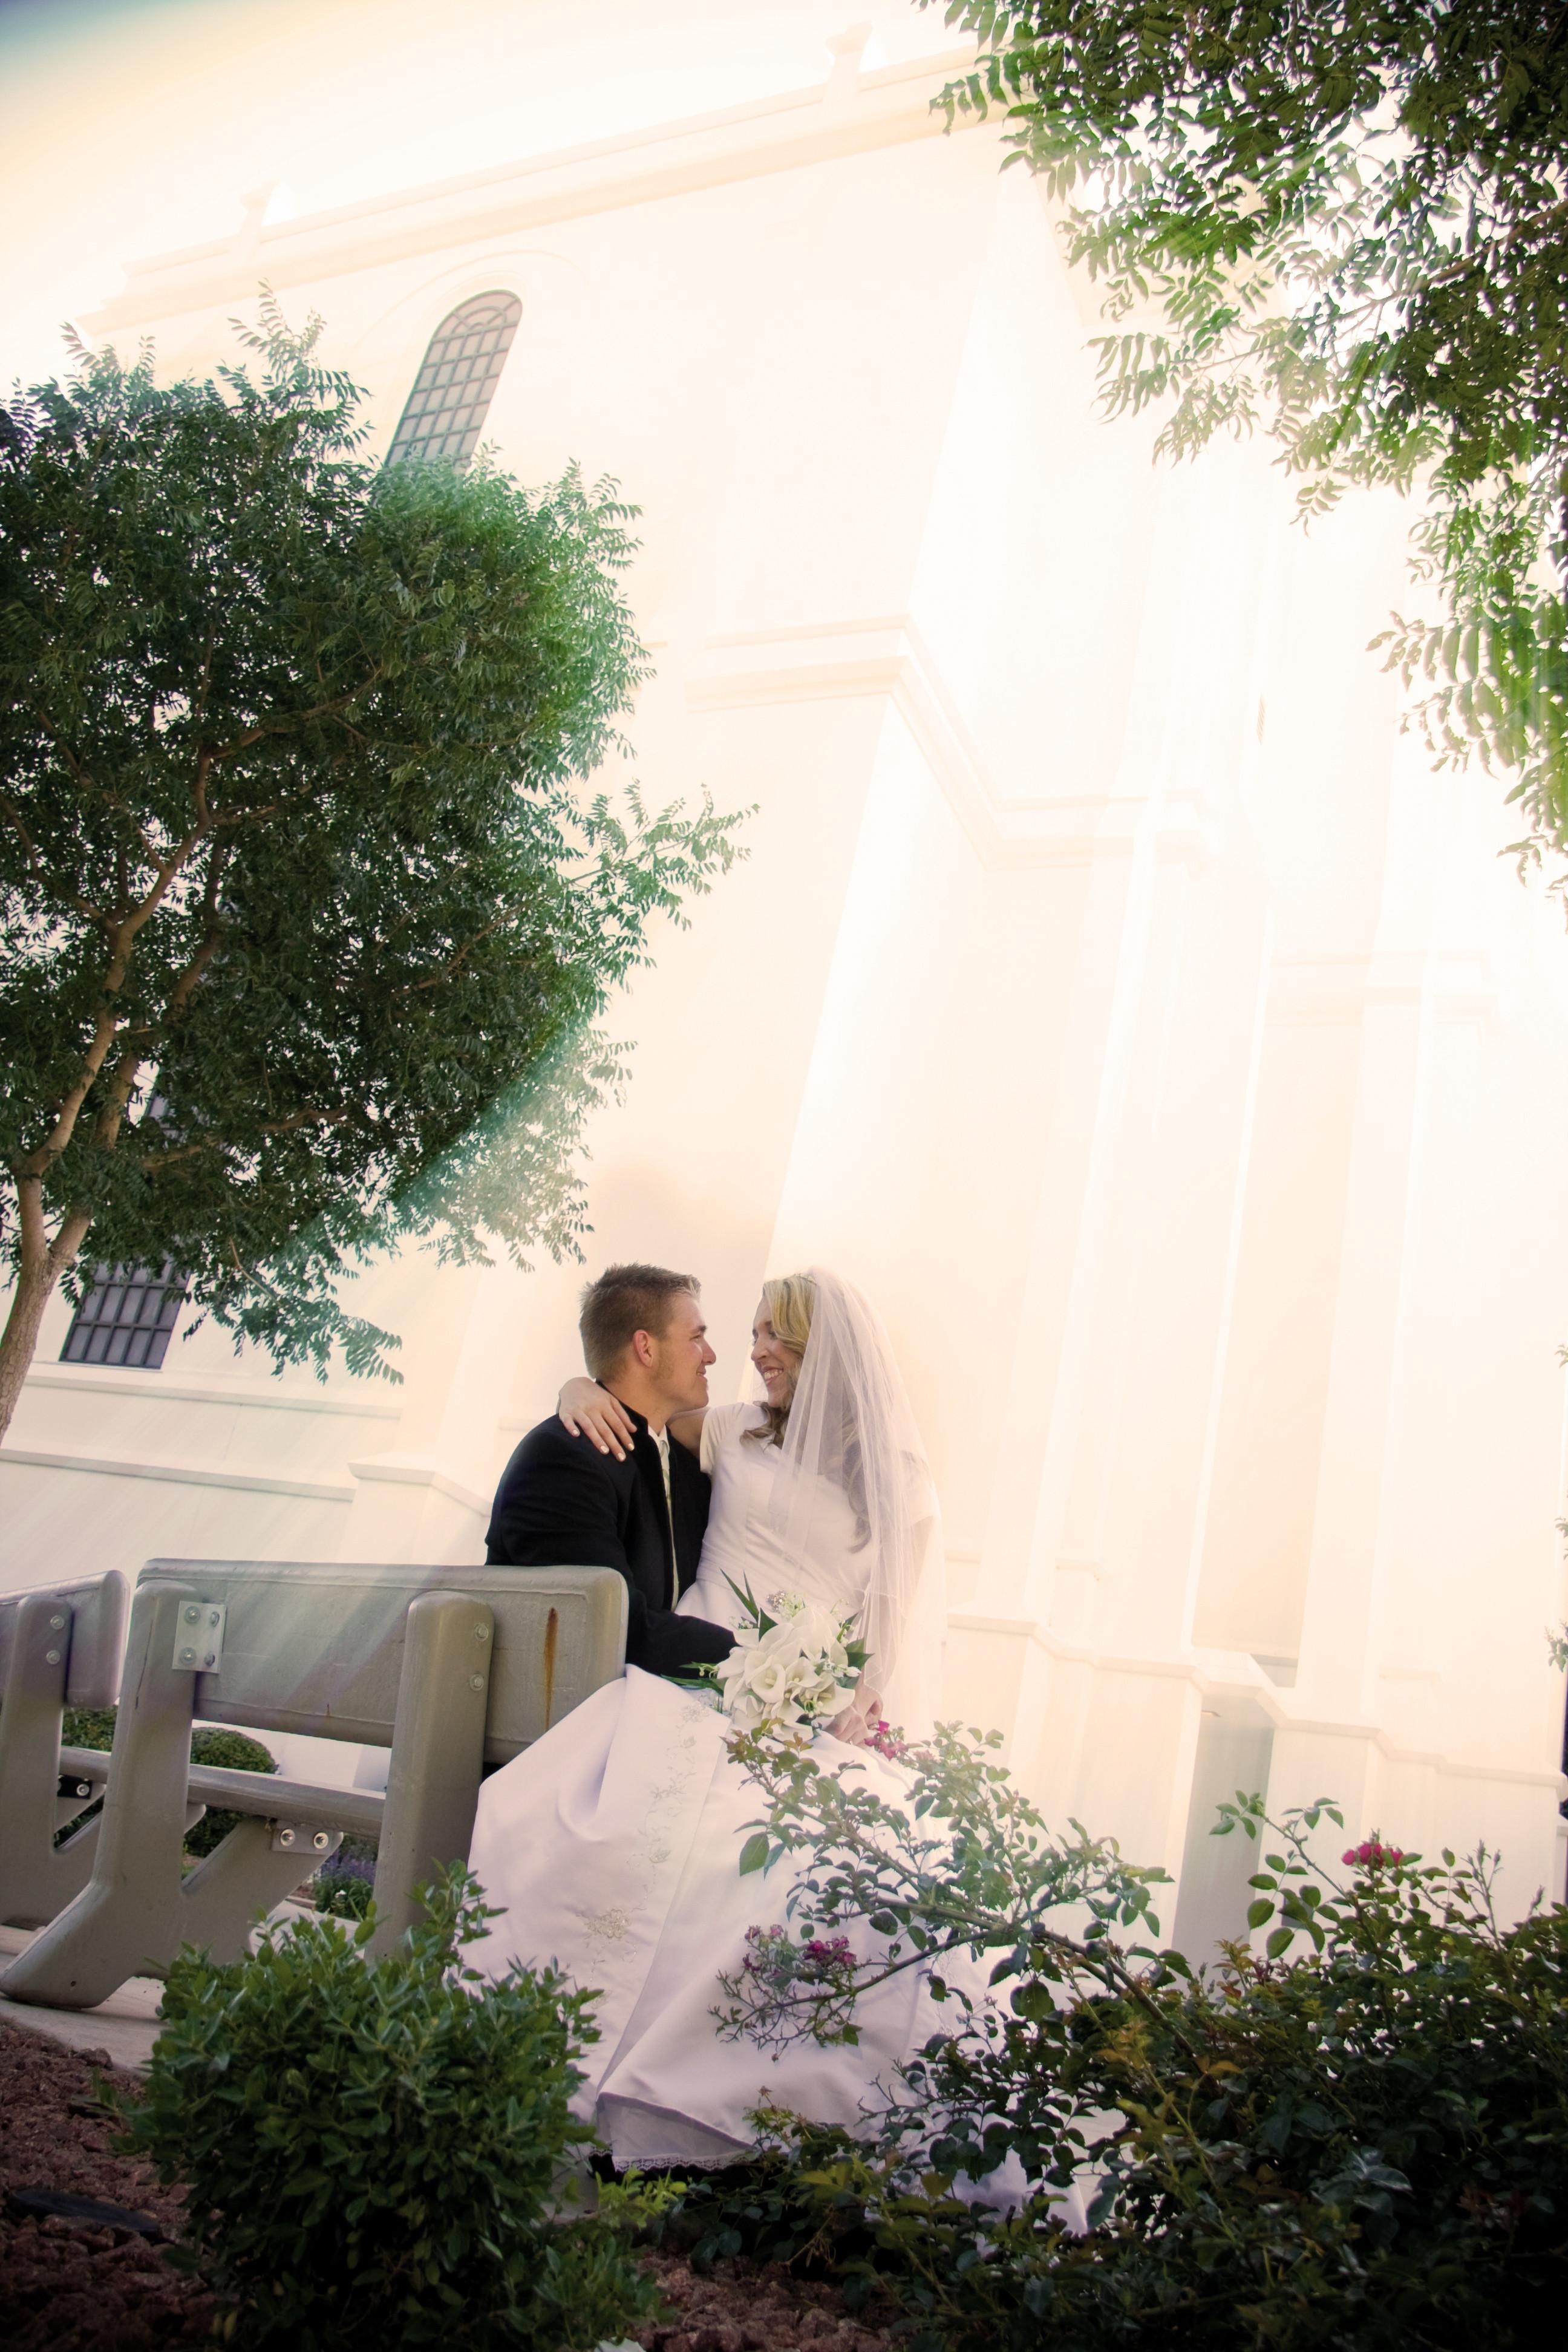 WEDDING & RECEPTION VIDEOS